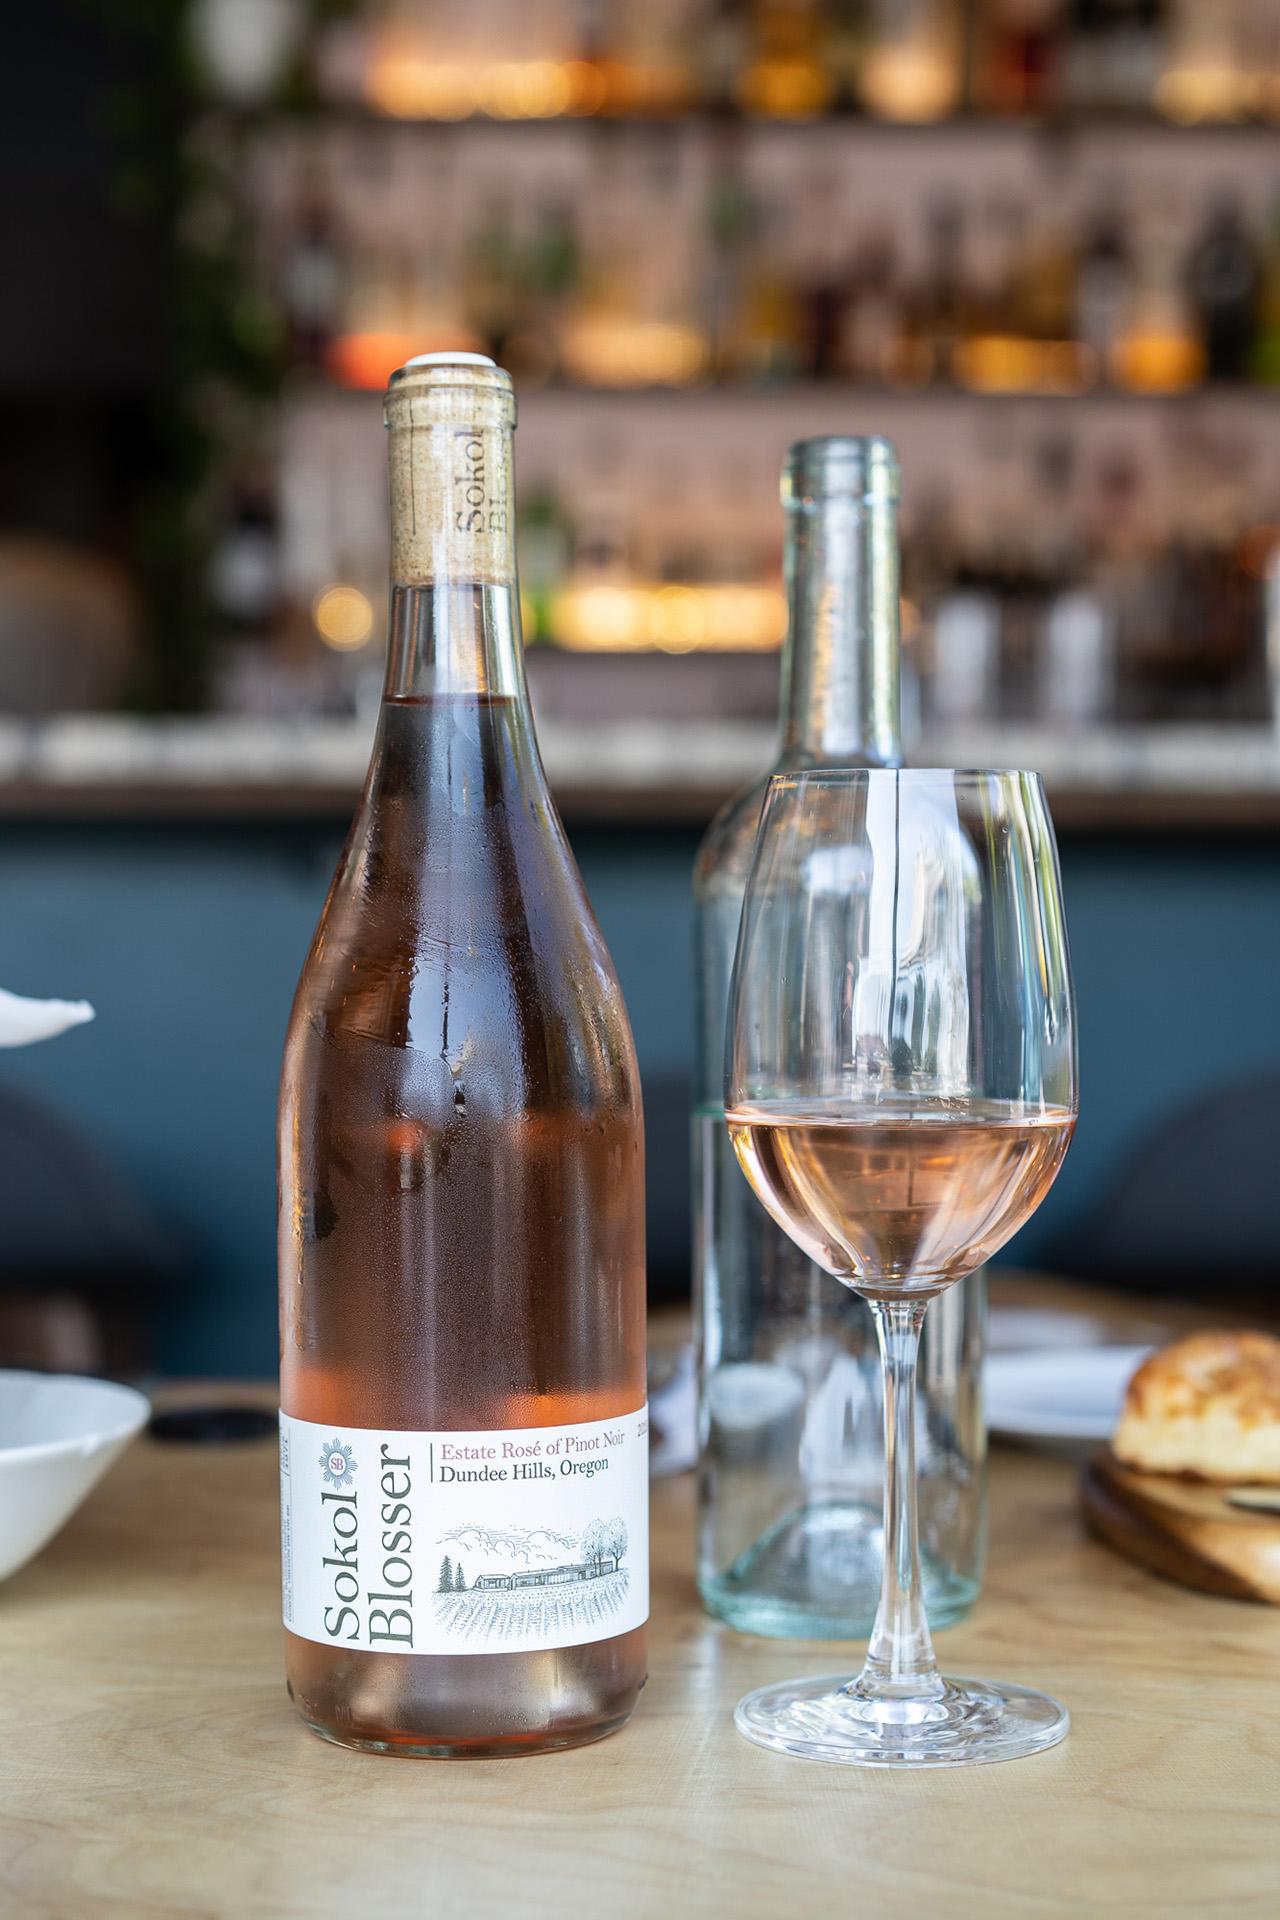 Sokol Blosser from Oregon, US. 100% Pinot Noir.